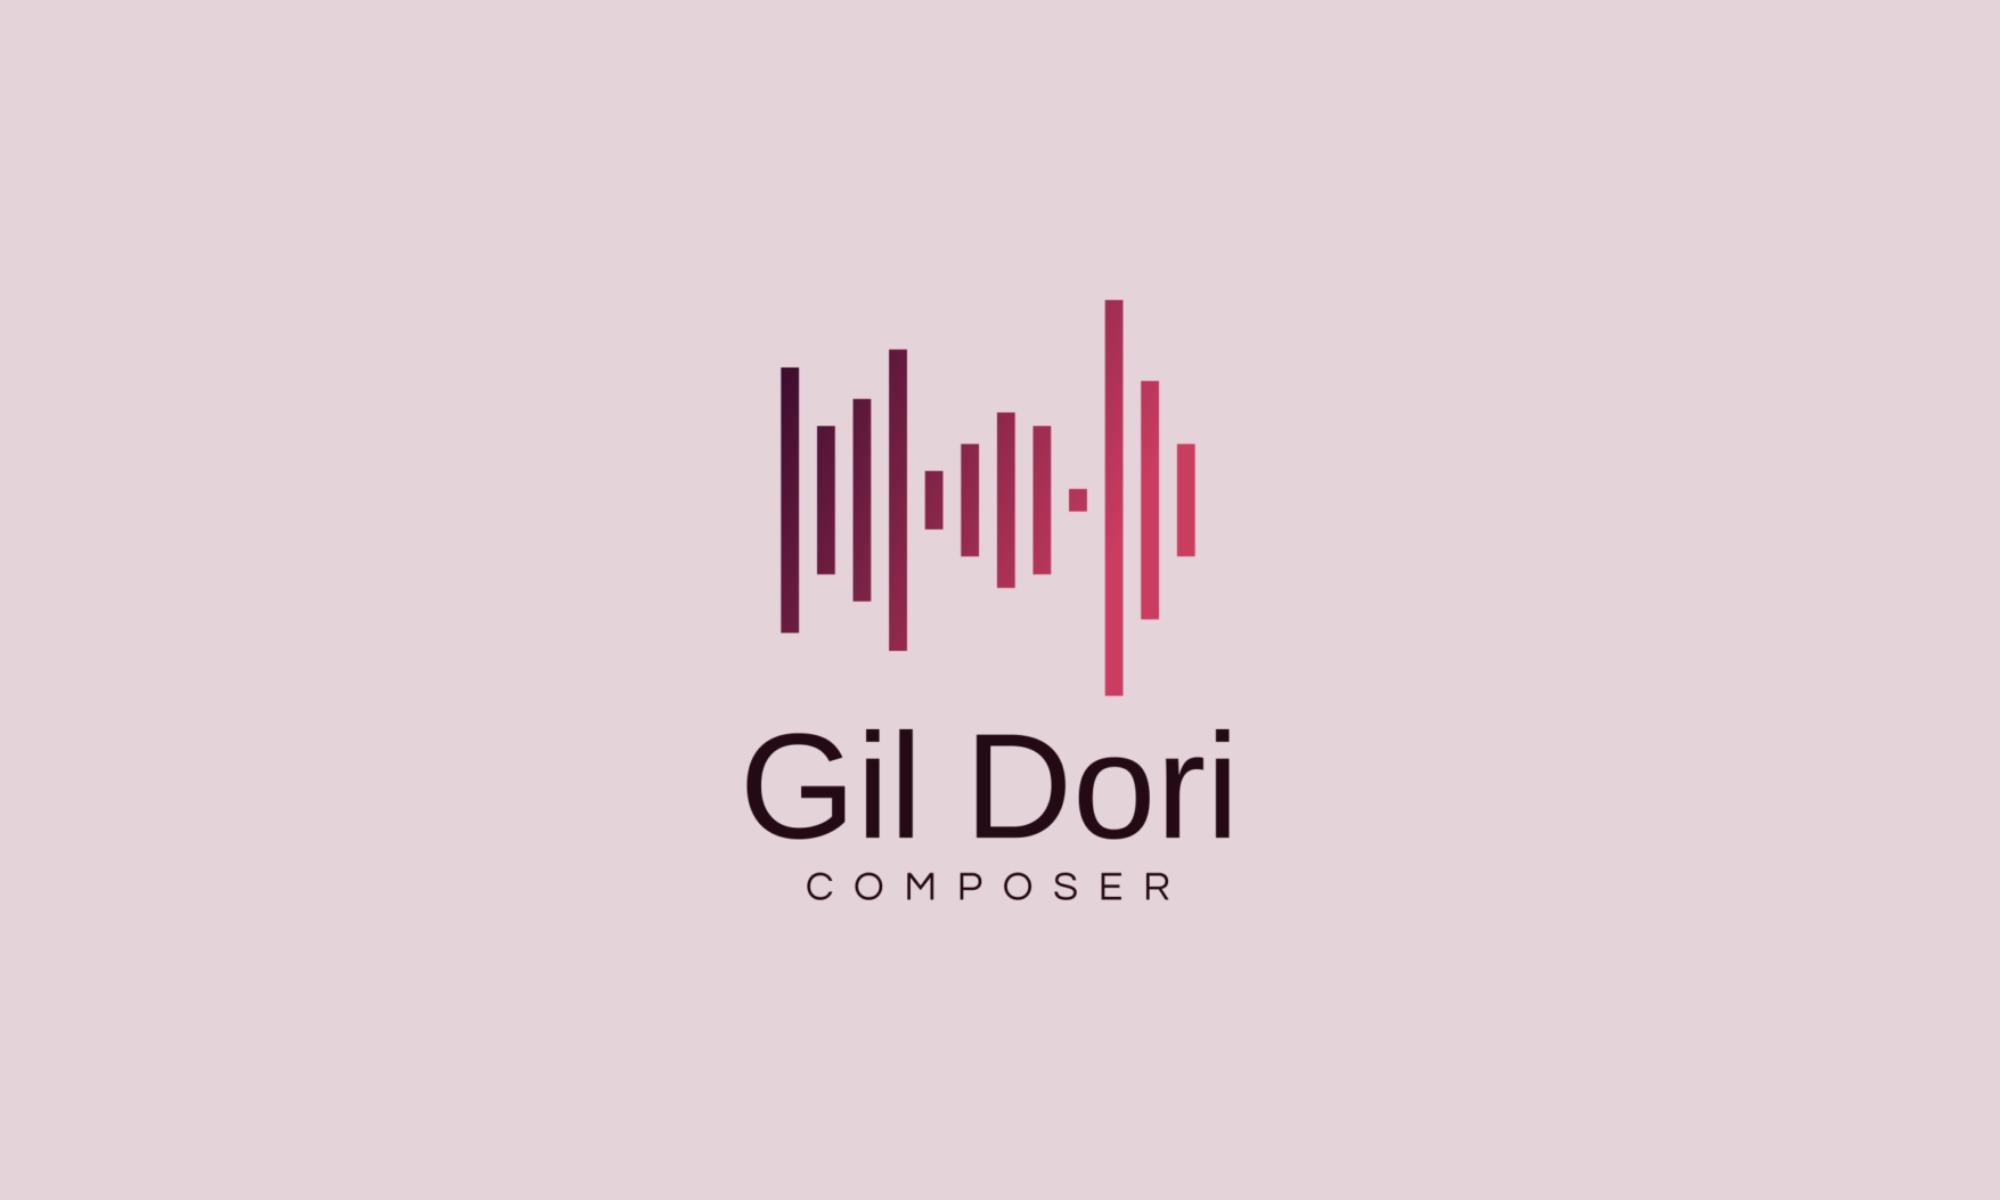 Gil Dori // Composer